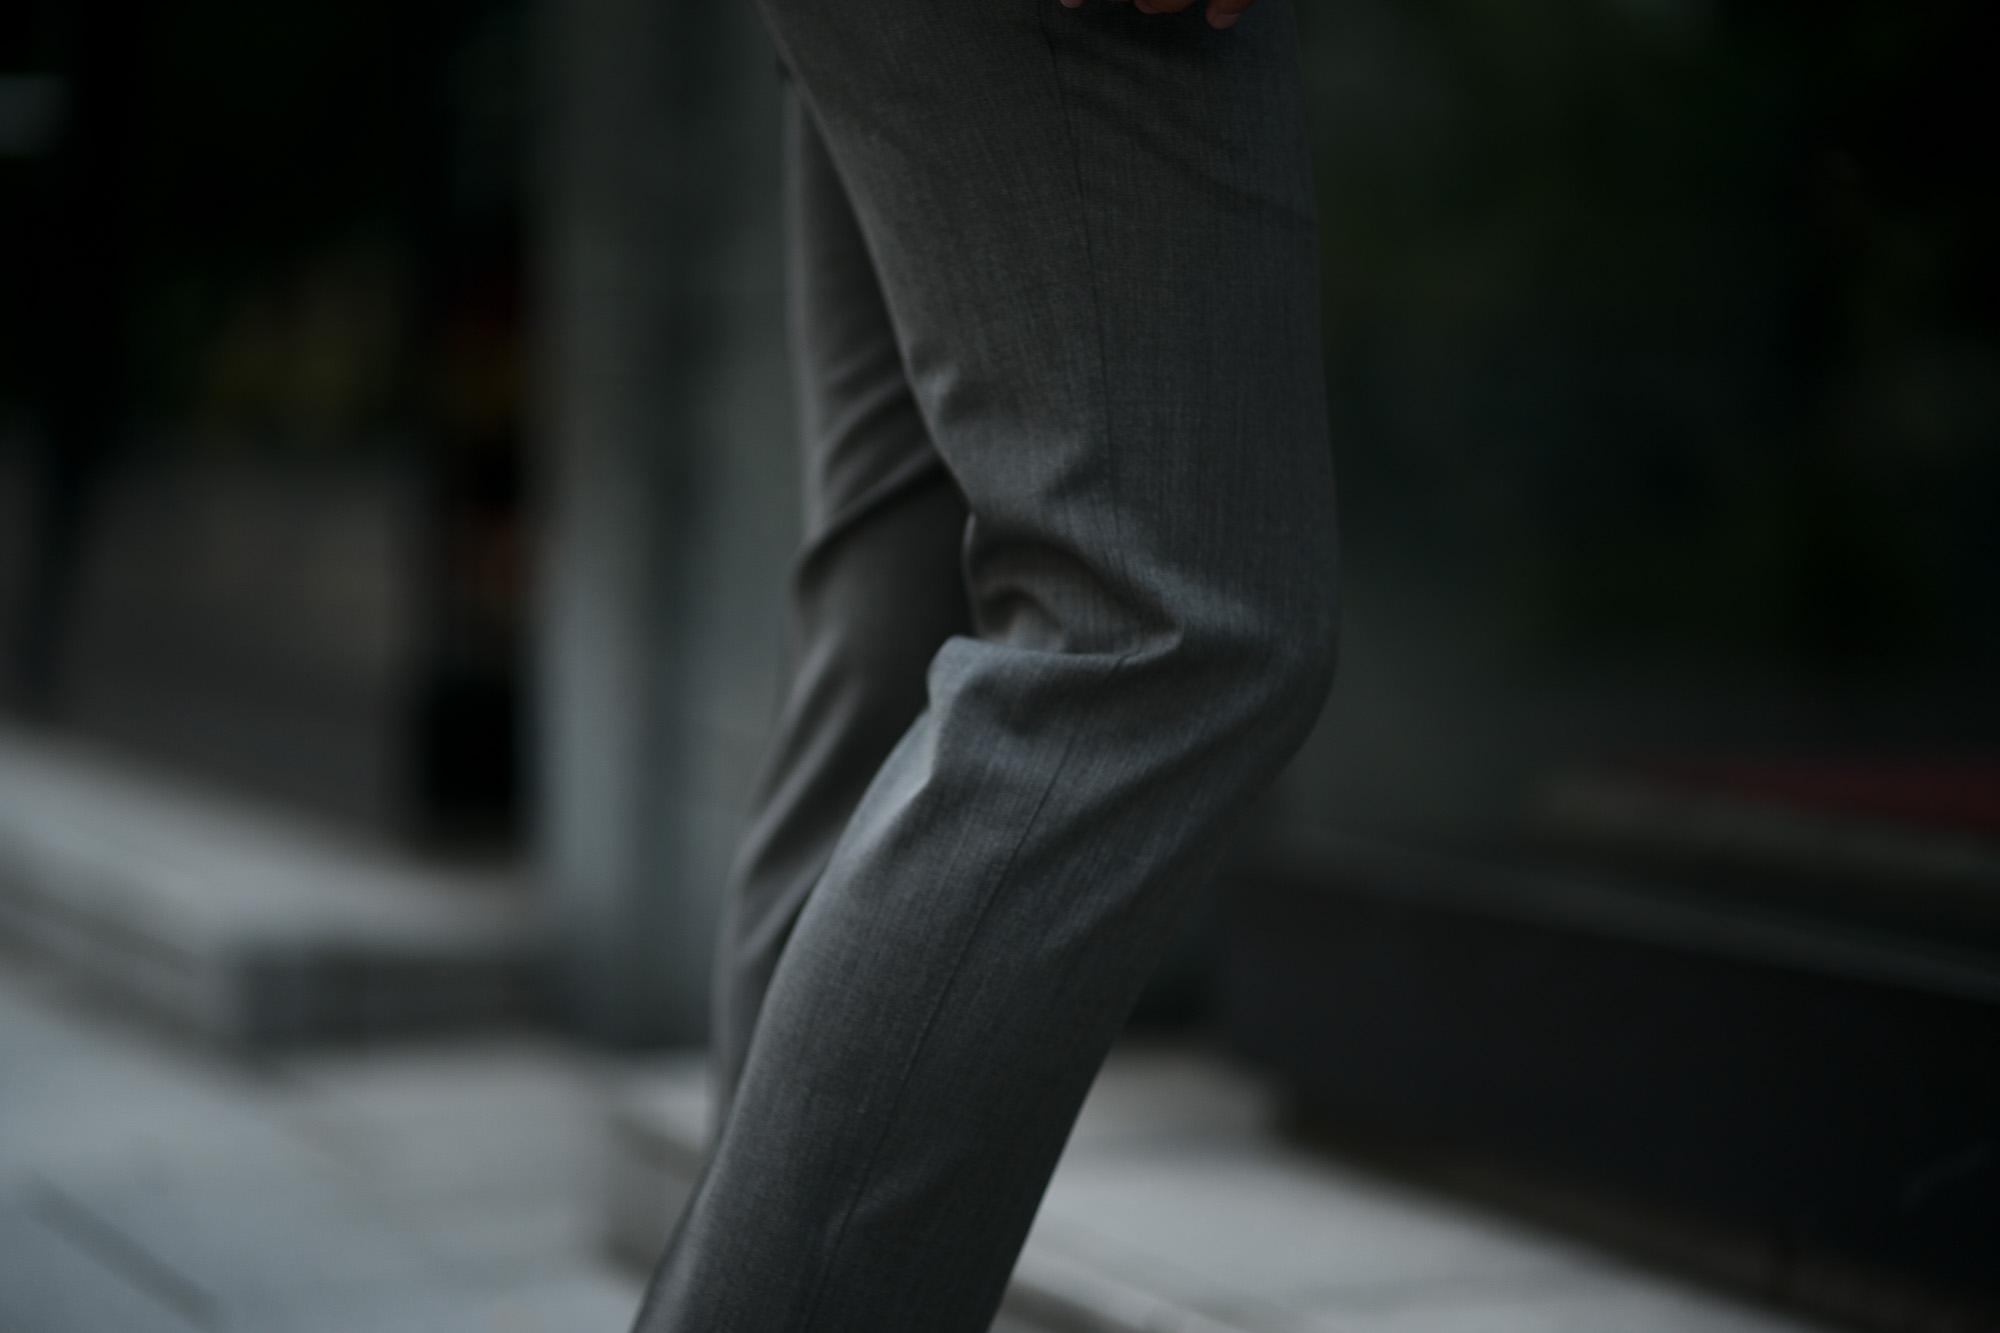 PT TORINO(ピーティートリノ) TRAVELLER (トラベラー) SUPER SLIM FIT (スーパースリムフィット) WASHABLE TECHNO WOOL ストレッチ テクノ ウォッシャブル サージ ウール スラックス GRAY (グレー・0230) 2020 秋冬新作 愛知 名古屋 altoediritto アルトエデリット